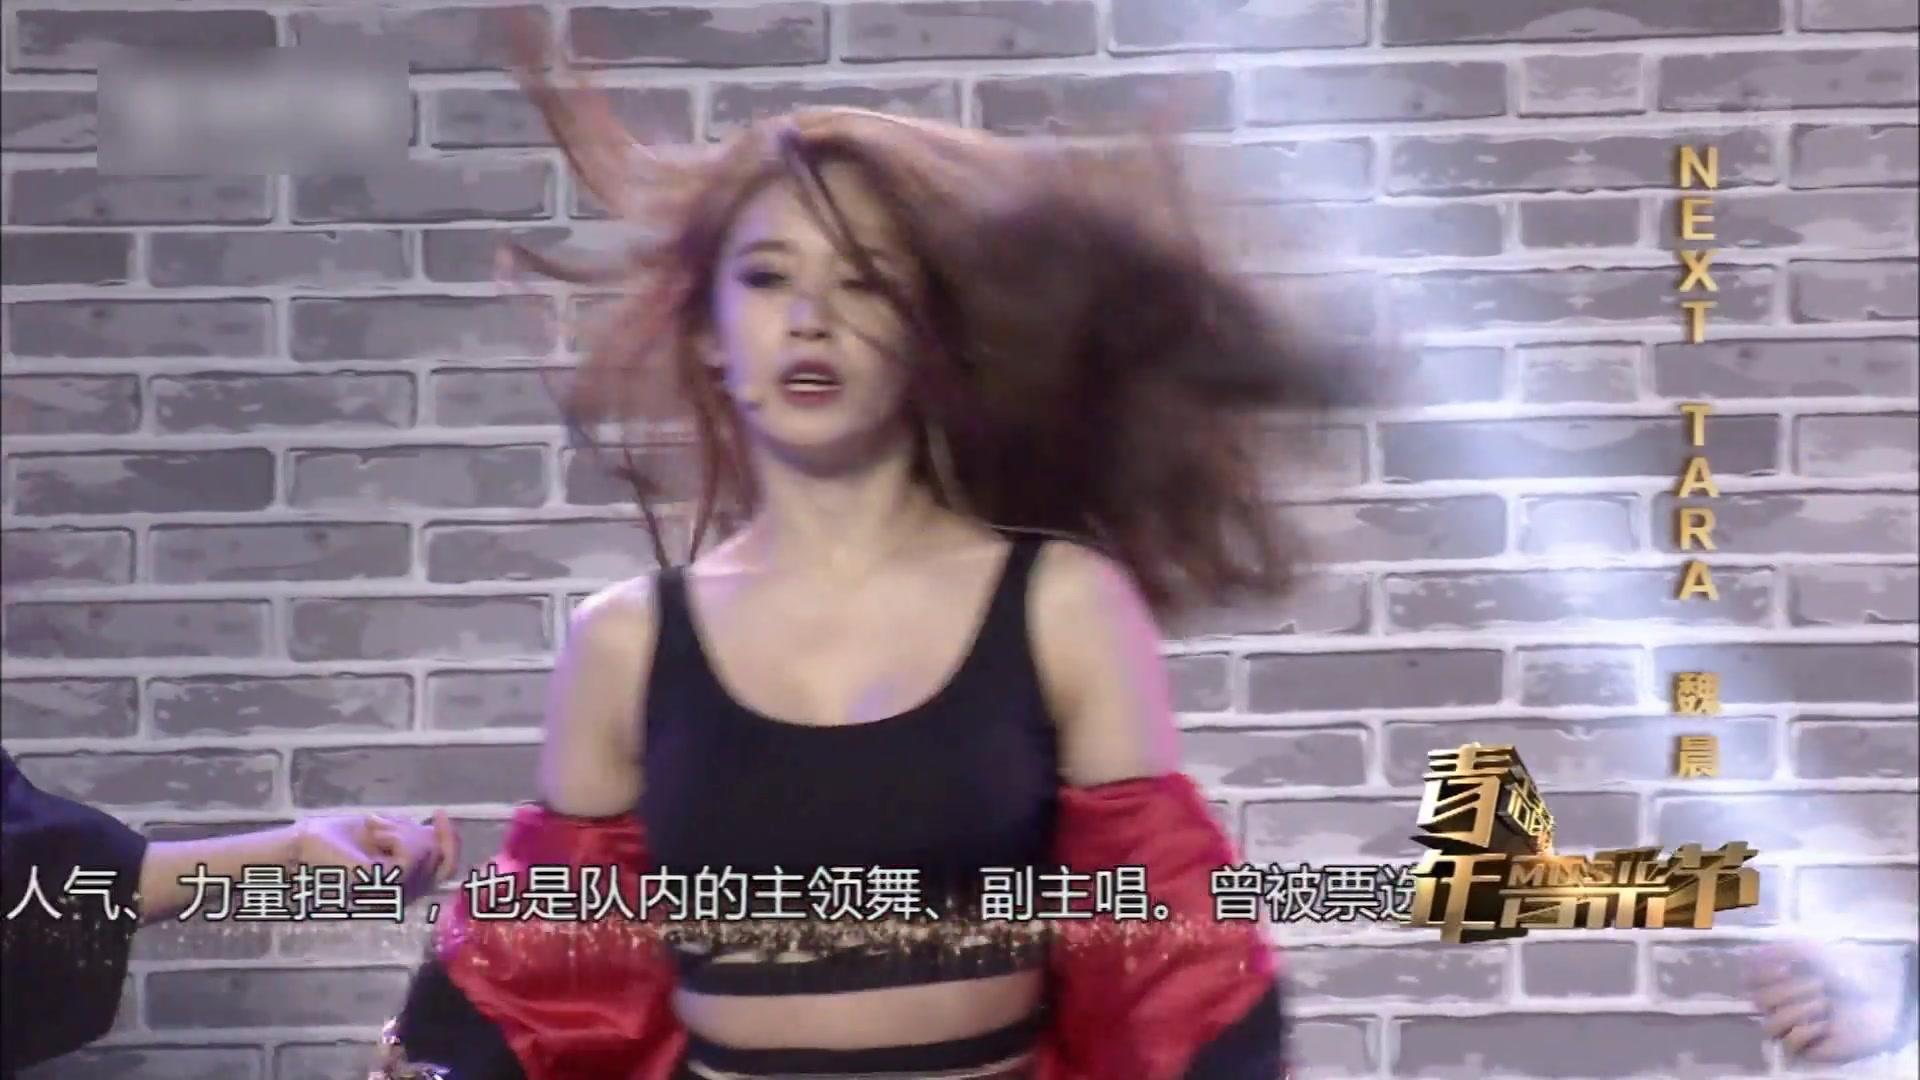 智妍+Tara_Cut(黑衣独舞).mp4